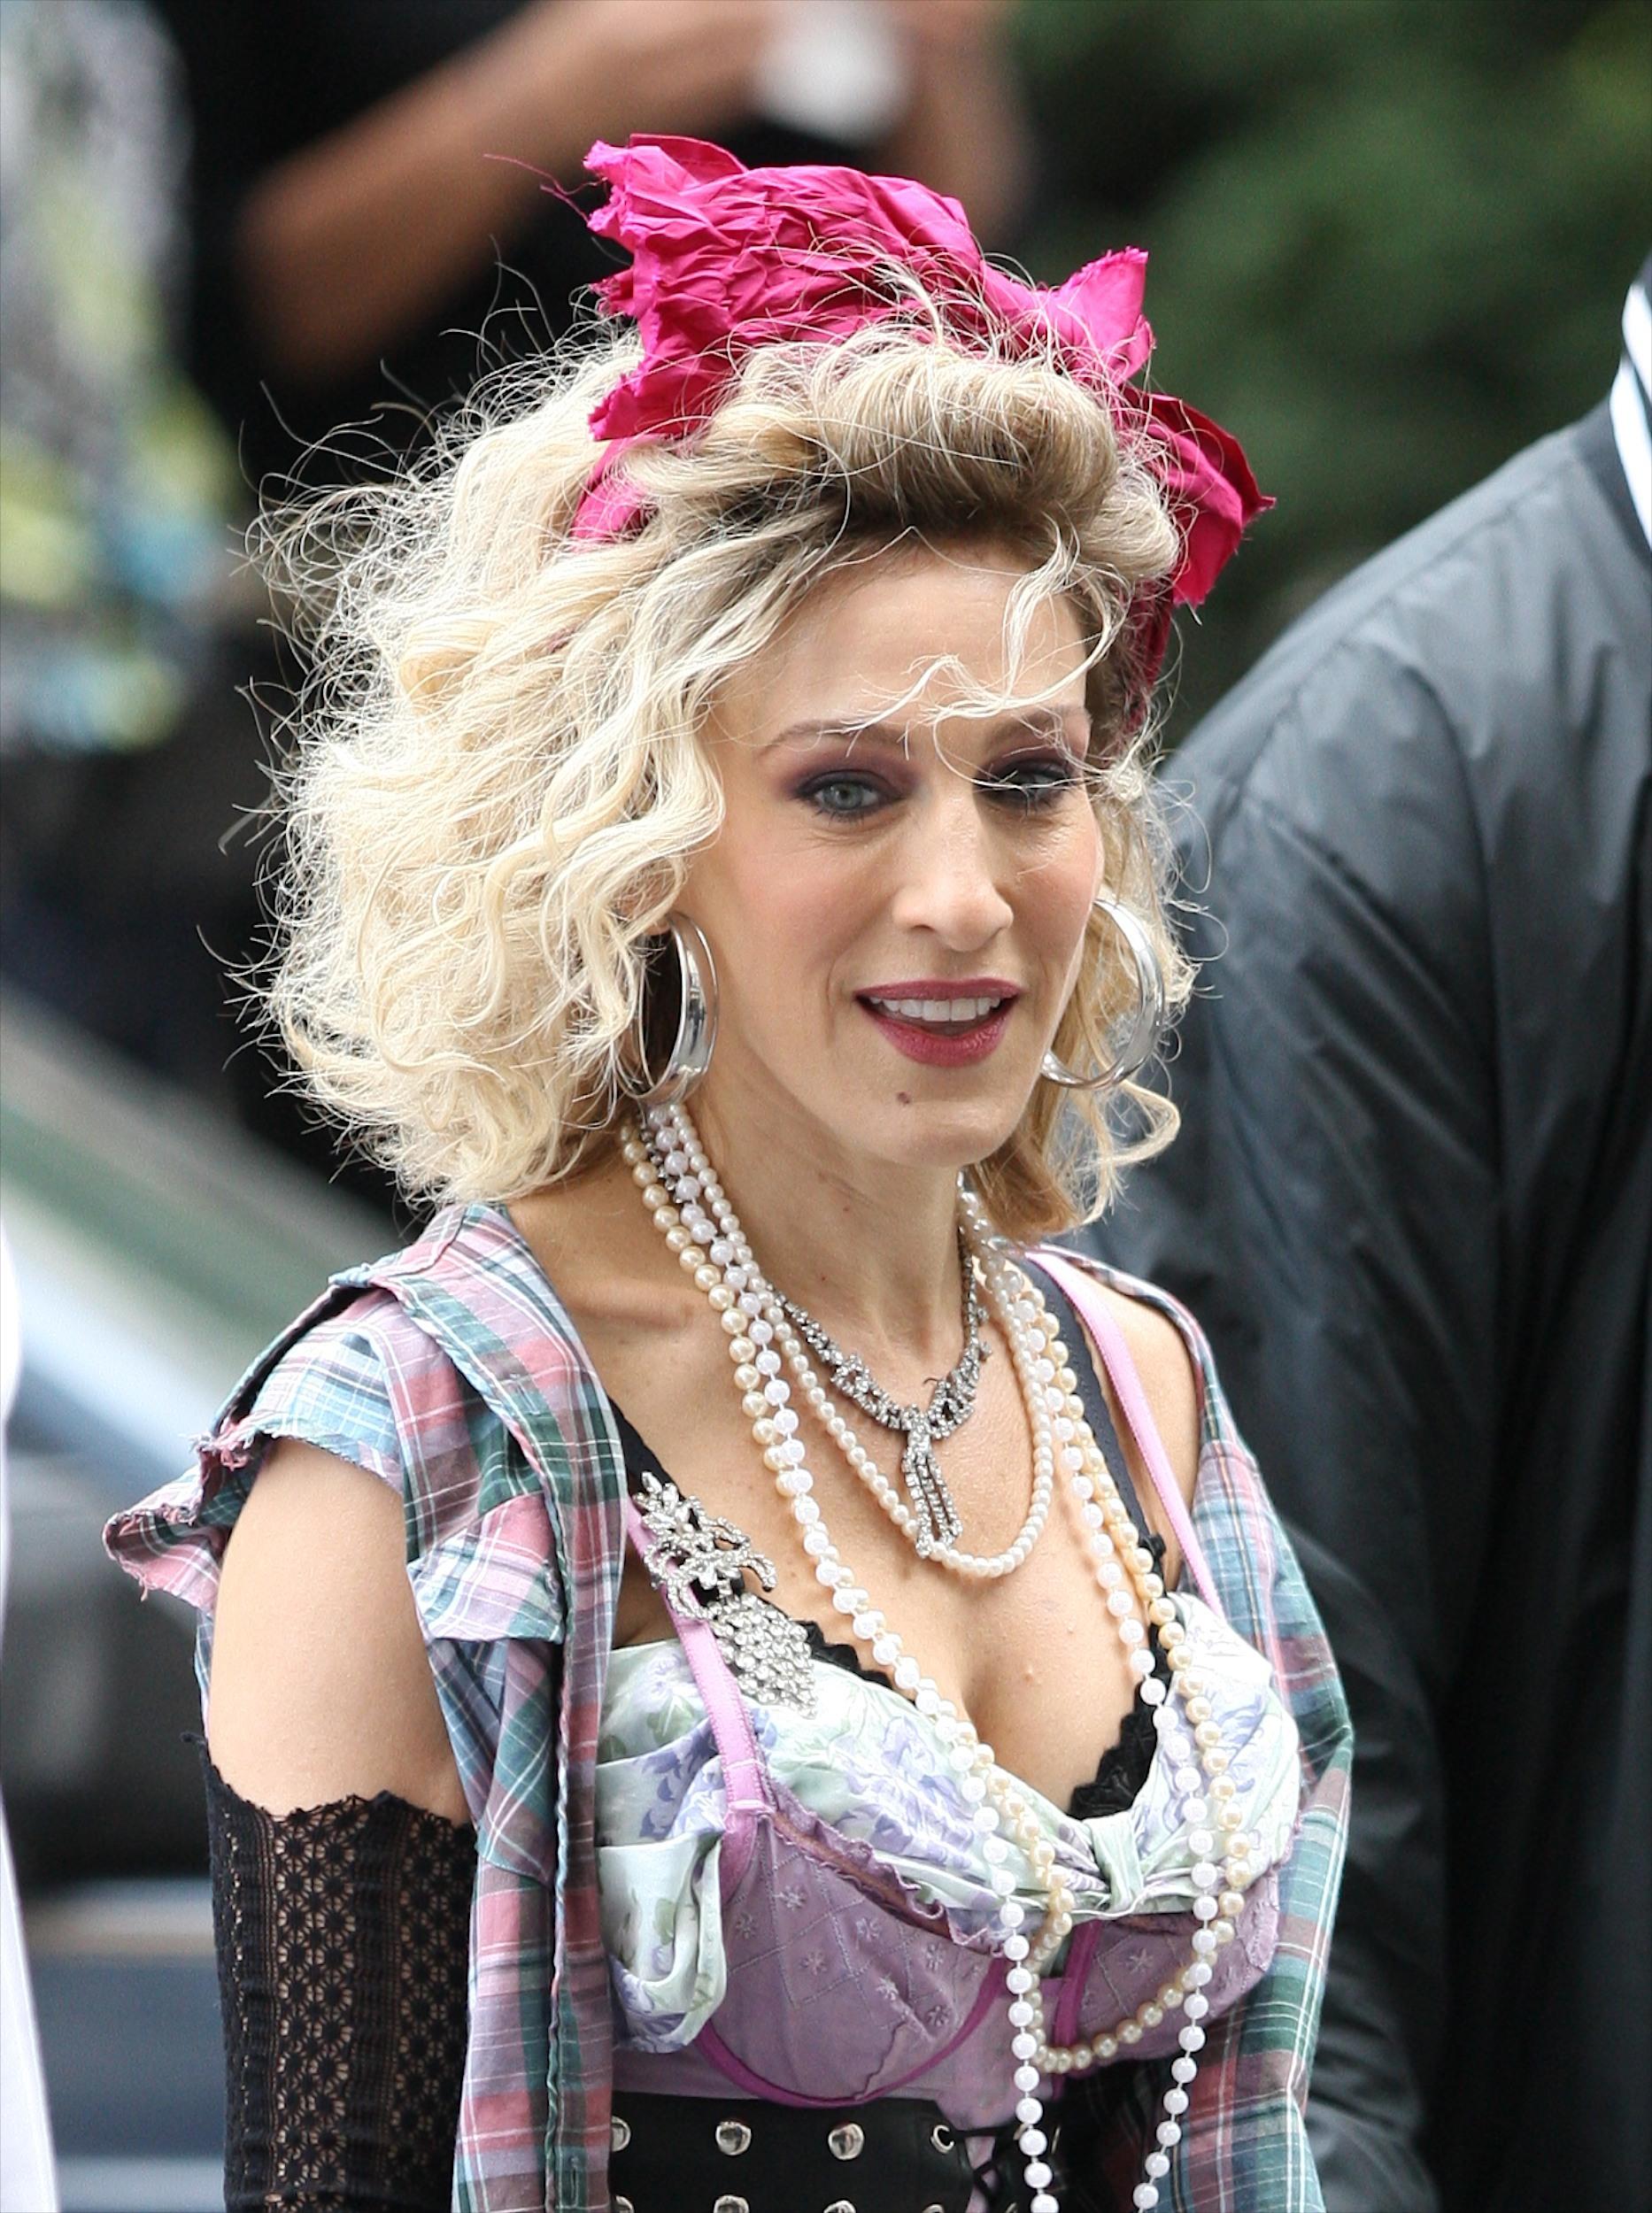 Carrie disfrazada al más puro estilo Madonna en Sex in the City